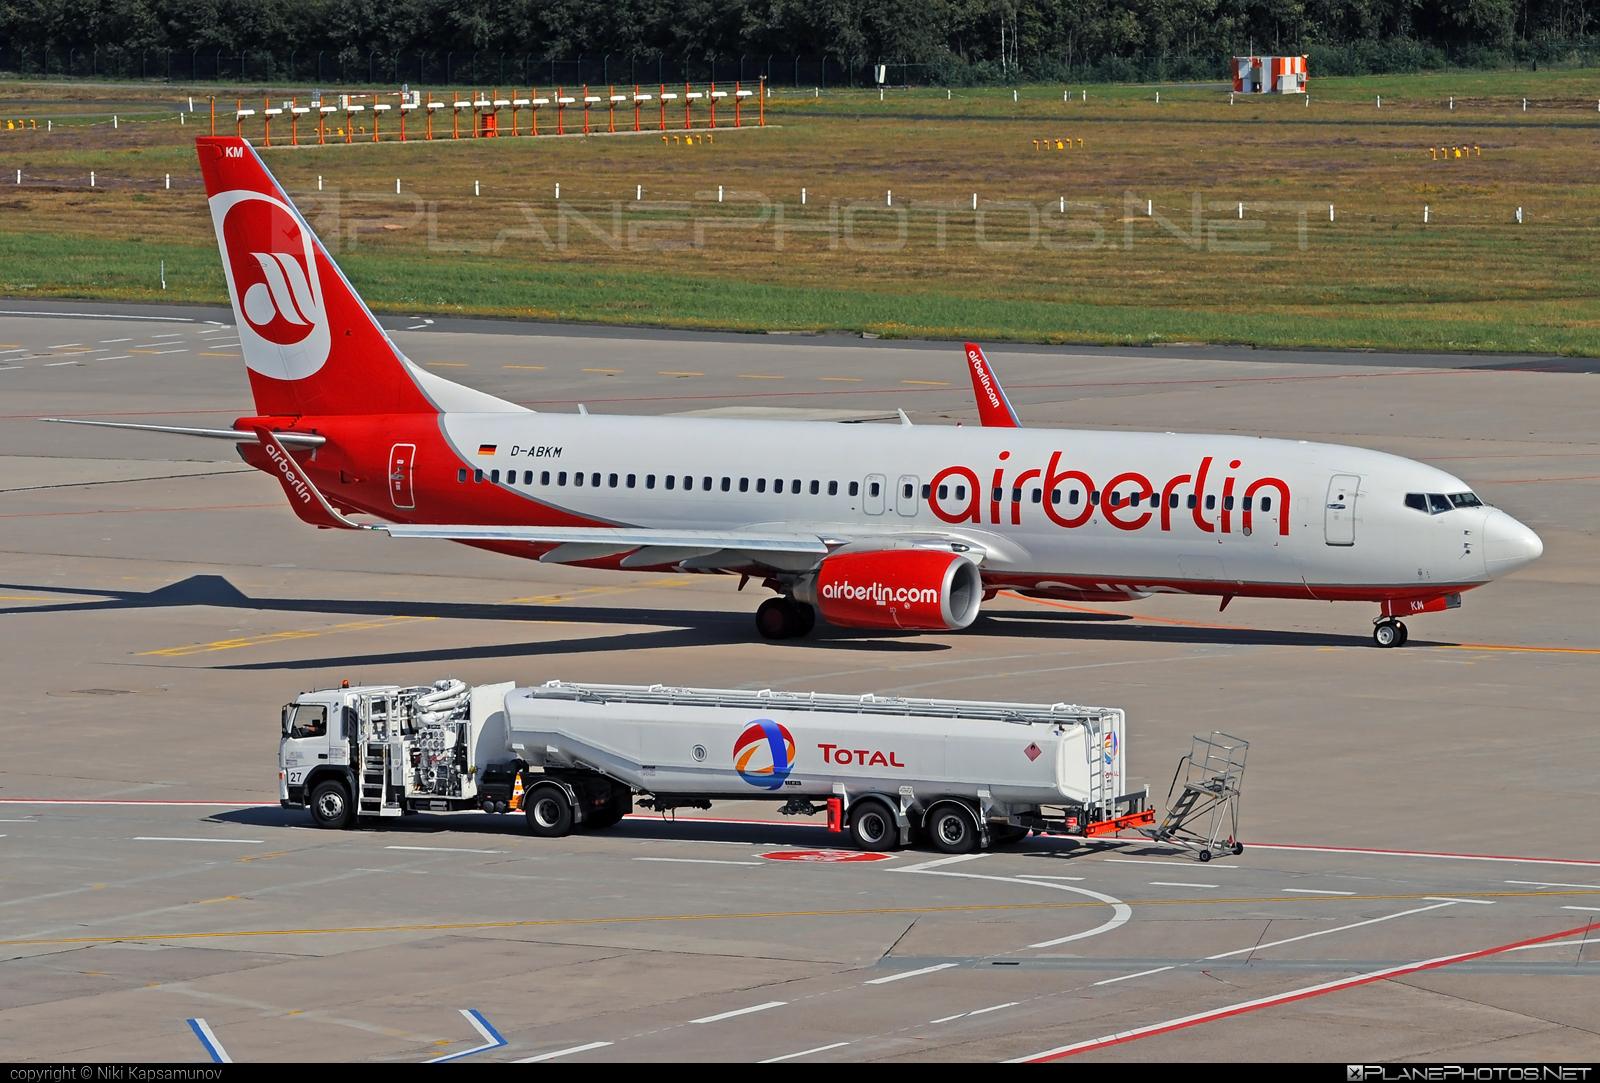 Boeing 737-800 - D-ABKM operated by TUIfly #b737 #b737nextgen #b737ng #boeing #boeing737 #tui #tuifly